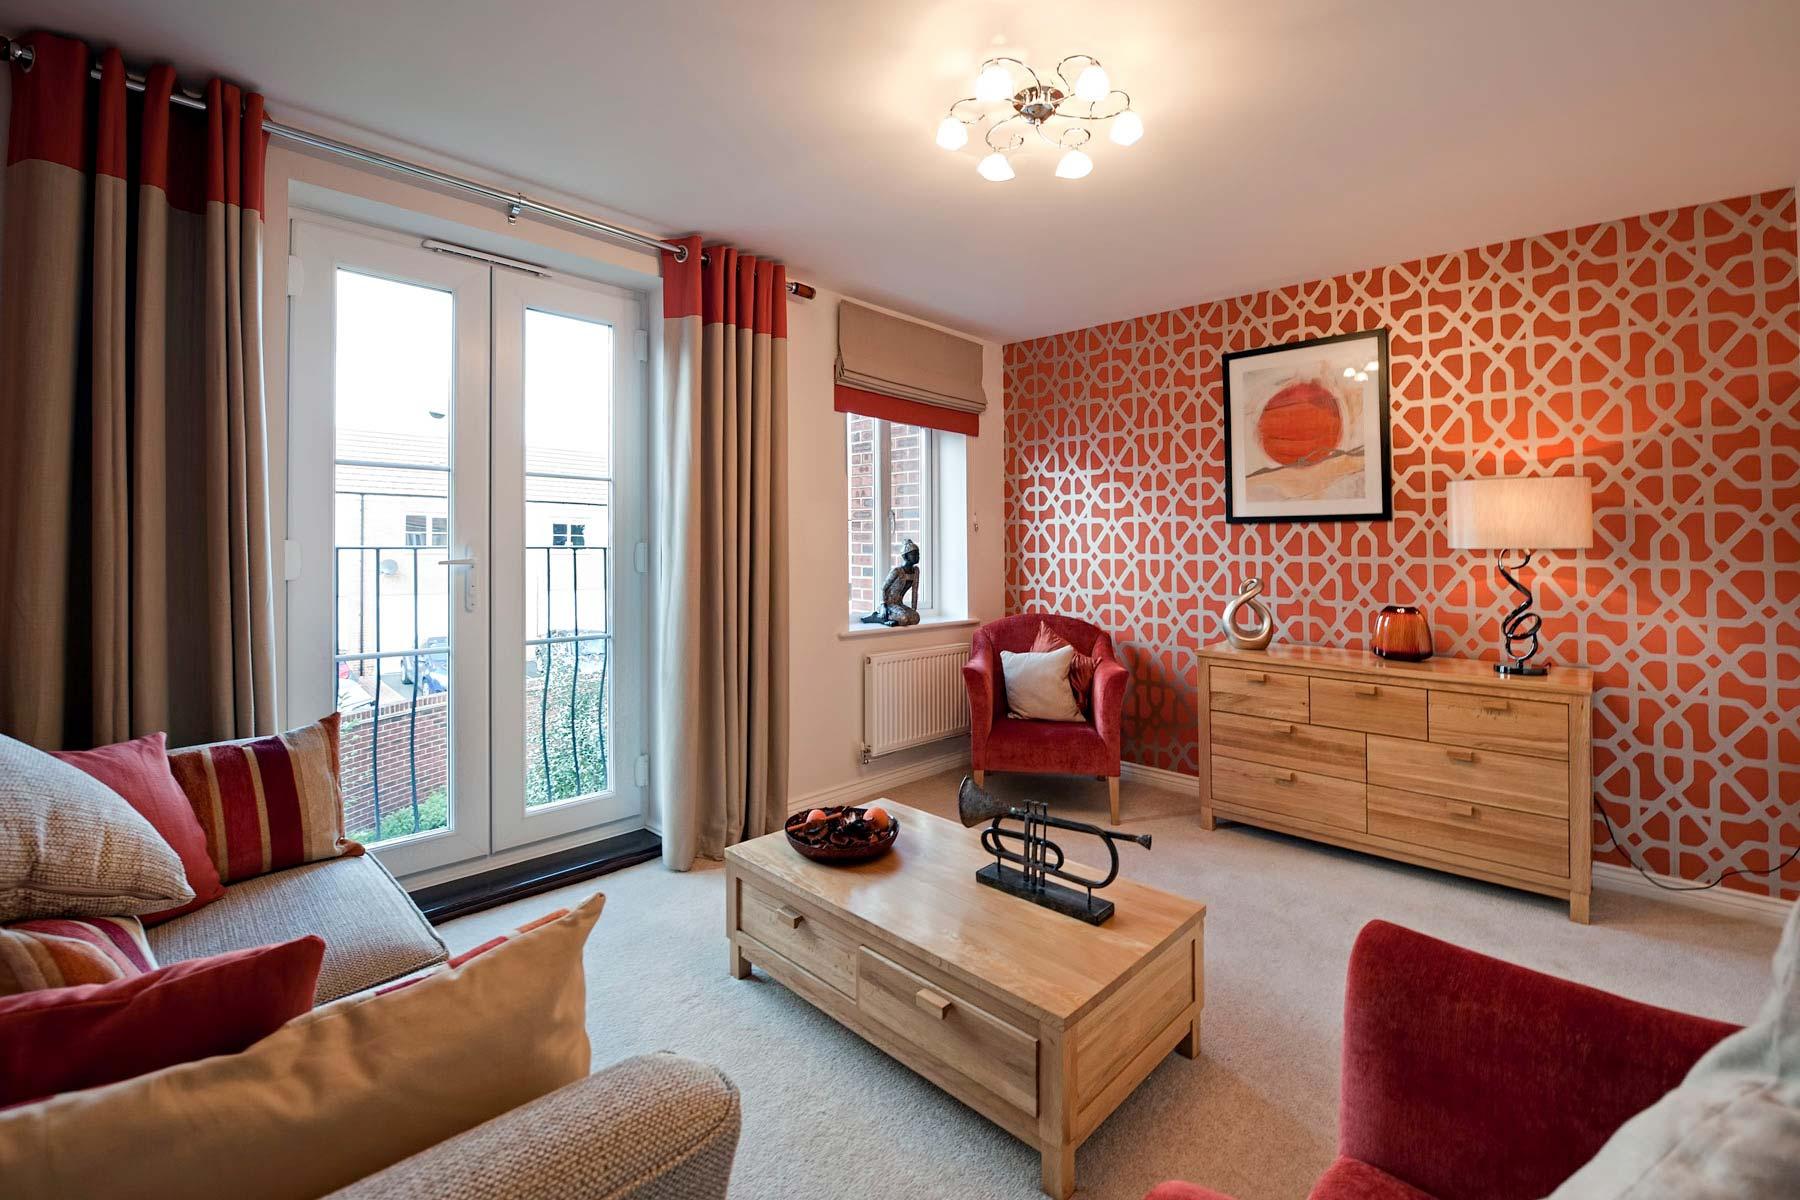 Burnt orange orange color and how to decorate on pinterest Burnt orange living room color schemes